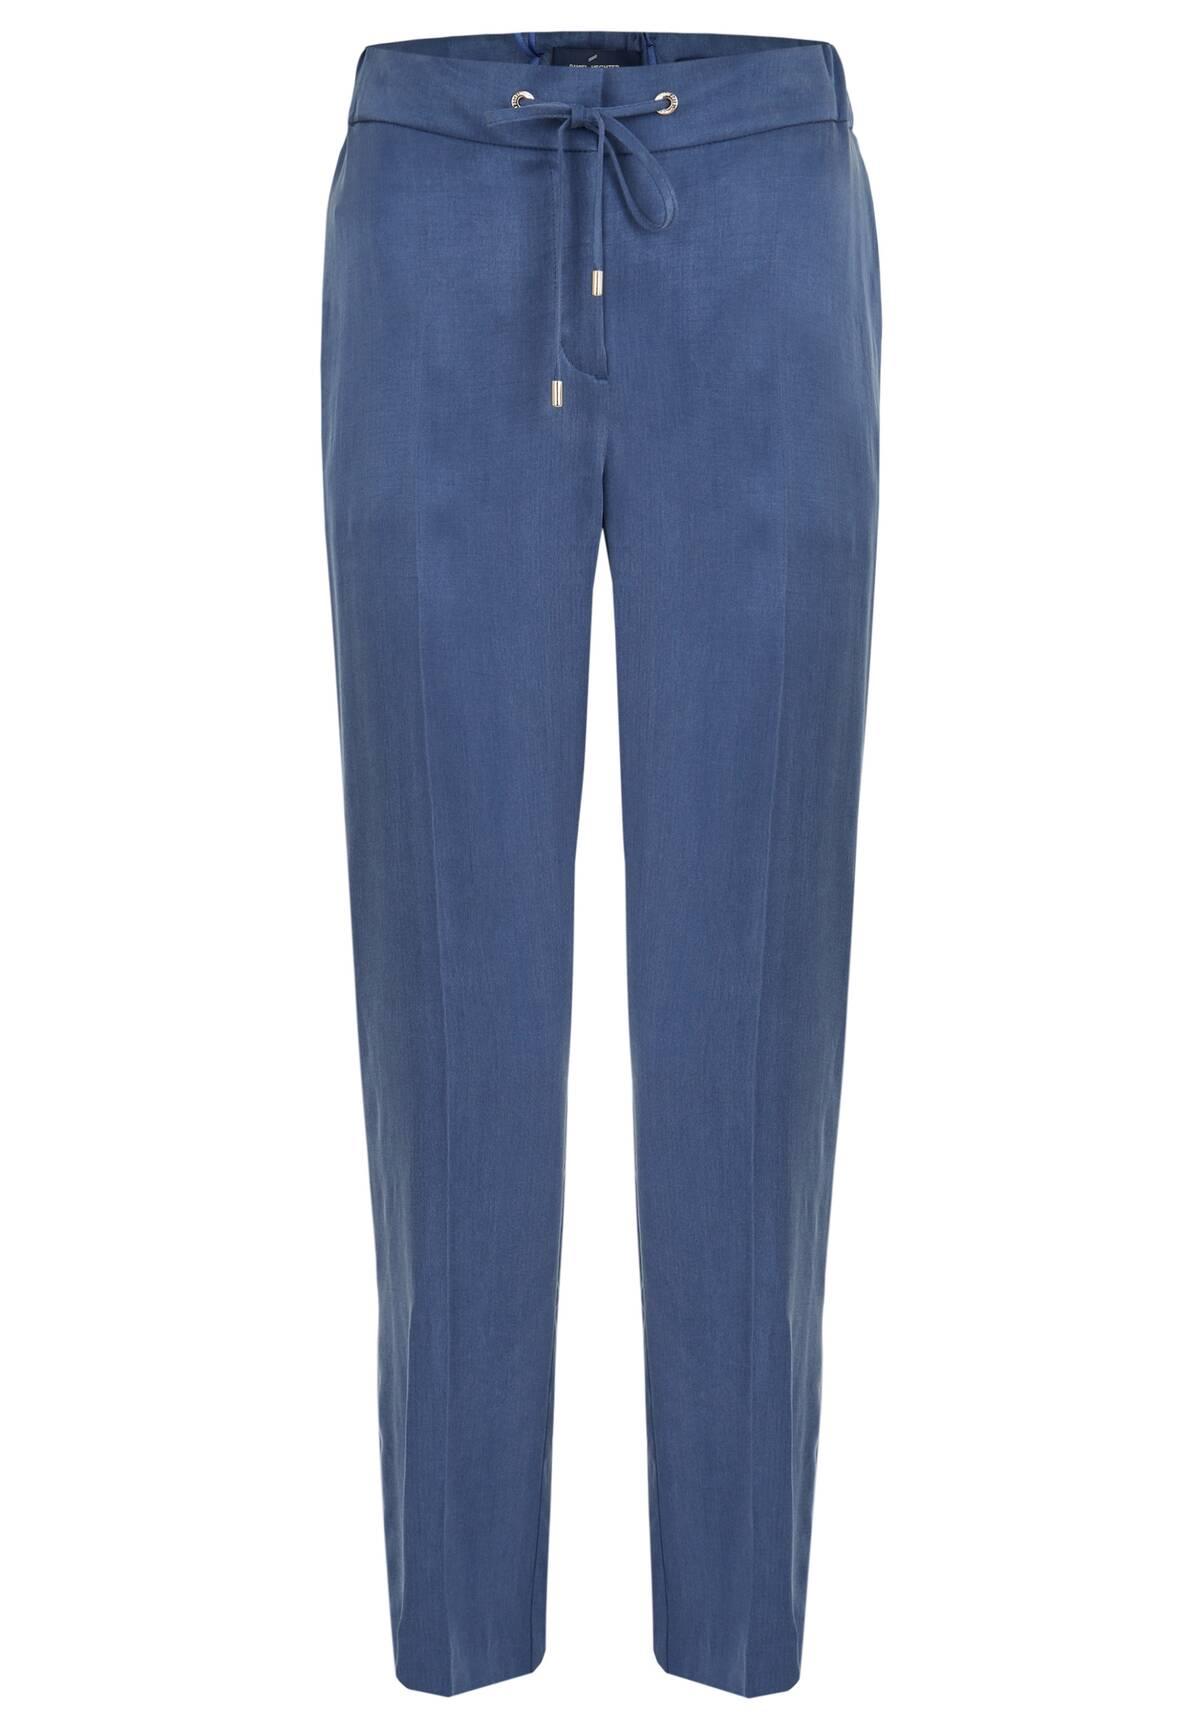 Pantalon Joggpant /